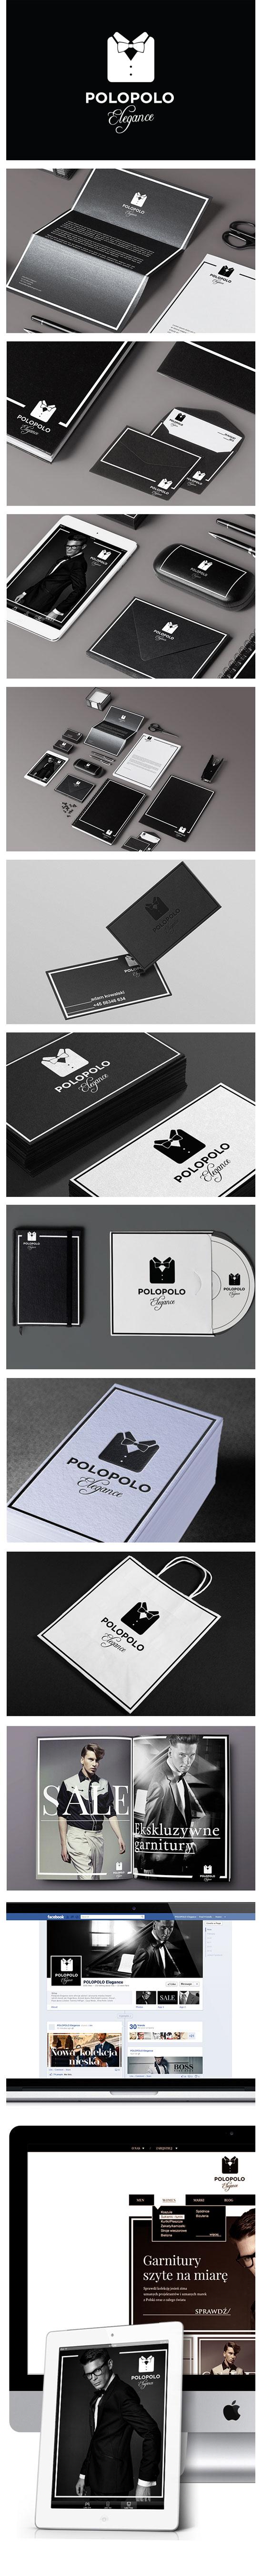 Brand Identity Examples